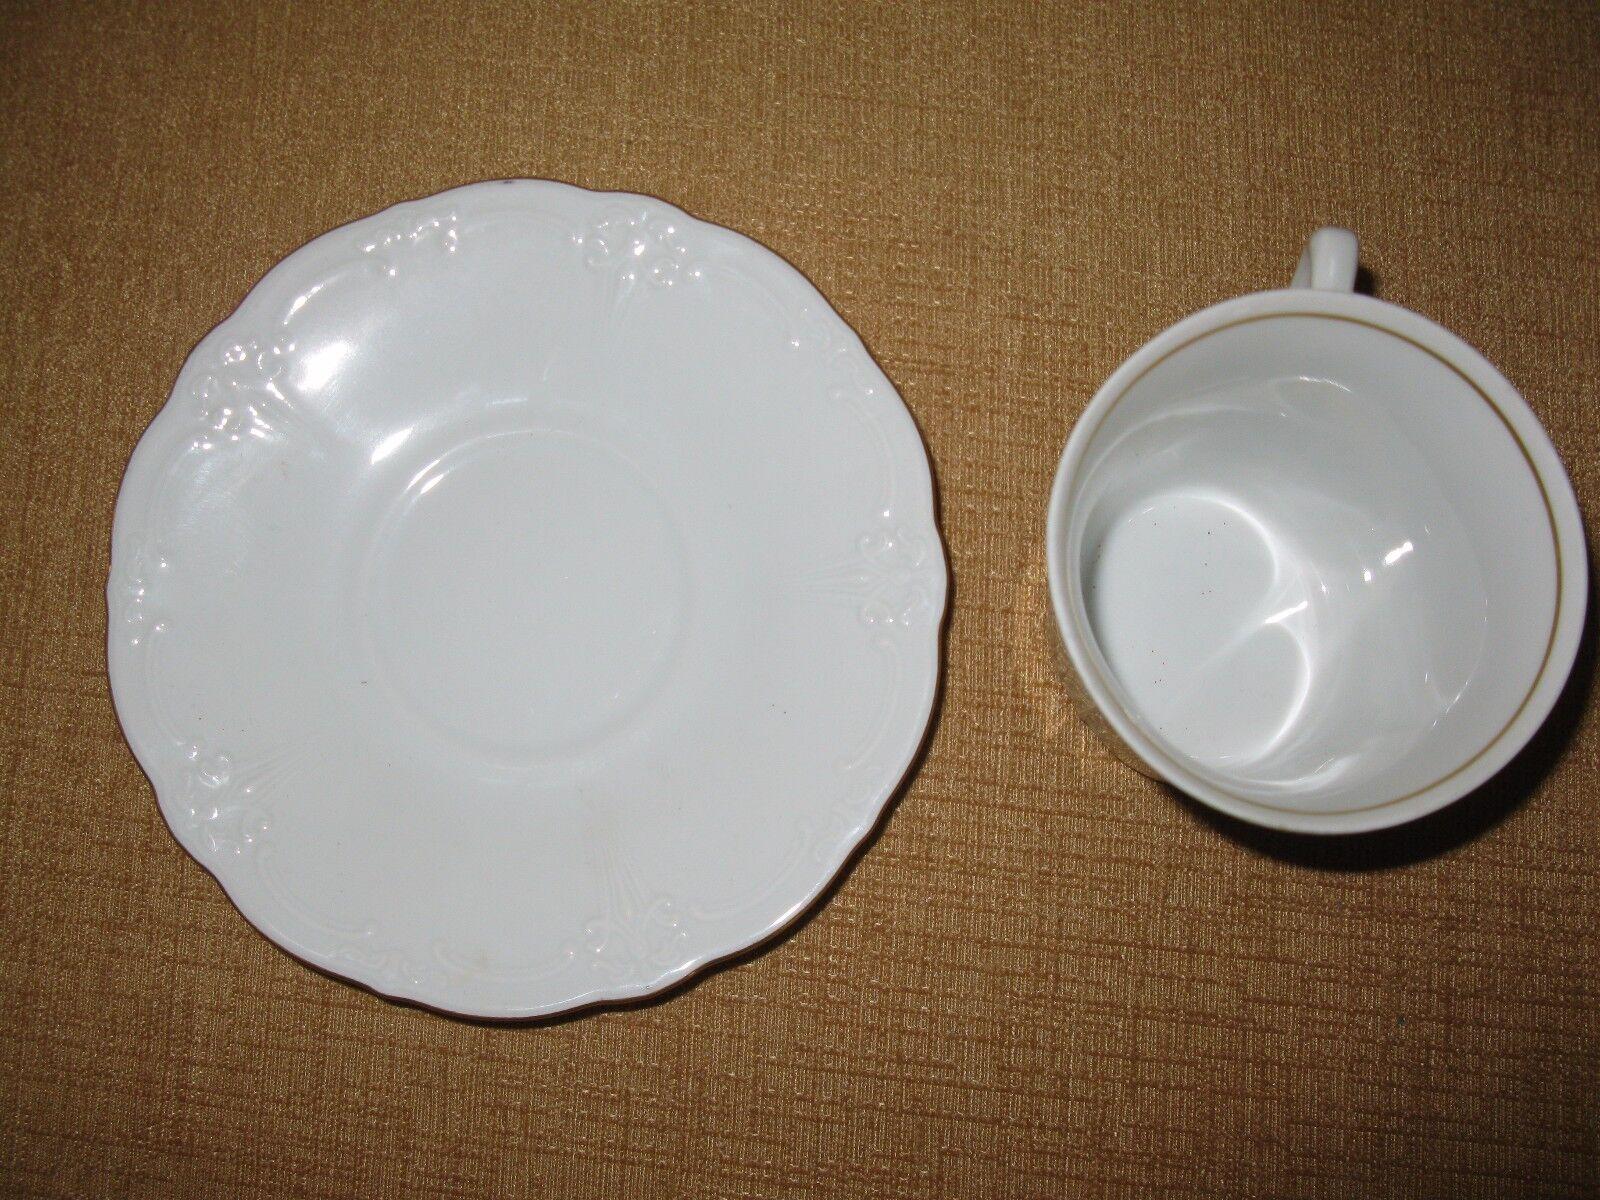 hutschenreuther selb dresden embossed germany 1814 cup saucer plate mug tea cad. Black Bedroom Furniture Sets. Home Design Ideas